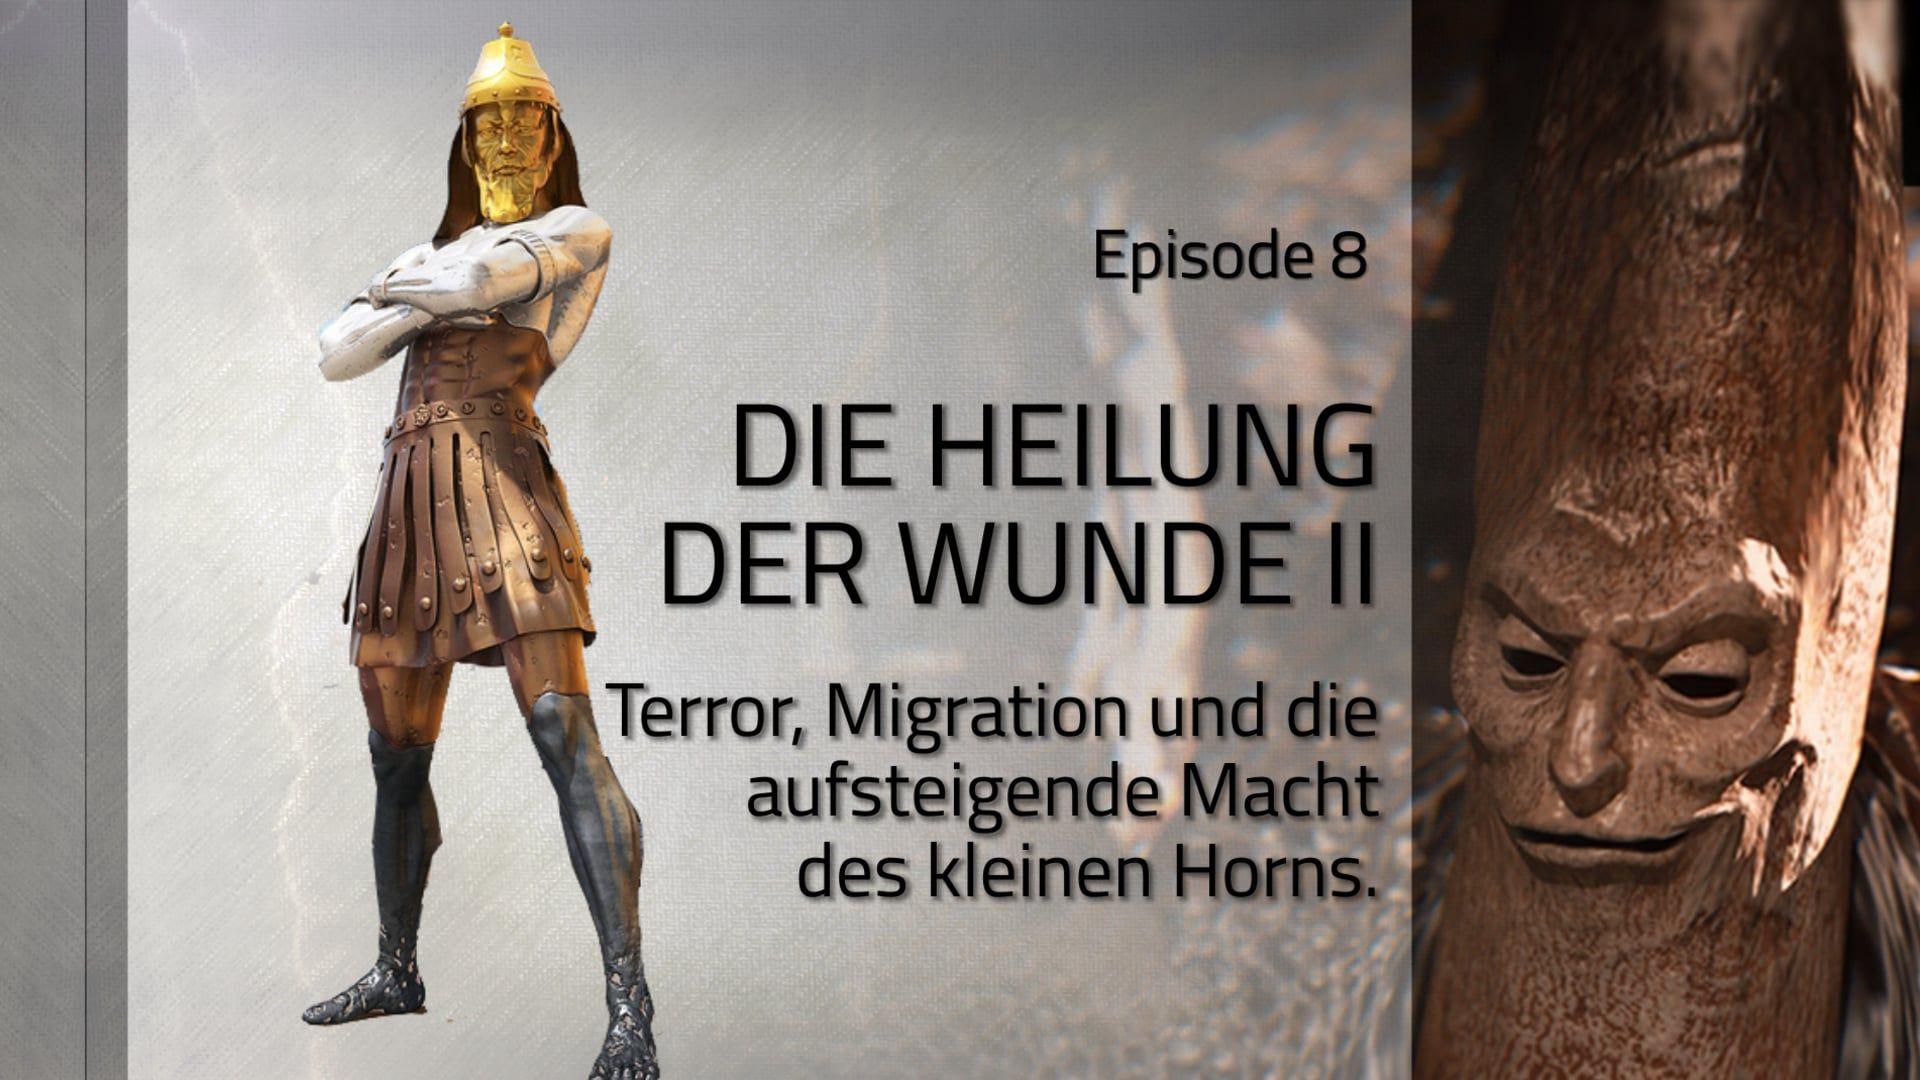 Die Heilung der Wunde II. Terror, Migration und die aufsteigende Macht des kleinen Horns. (ZdZ 8)